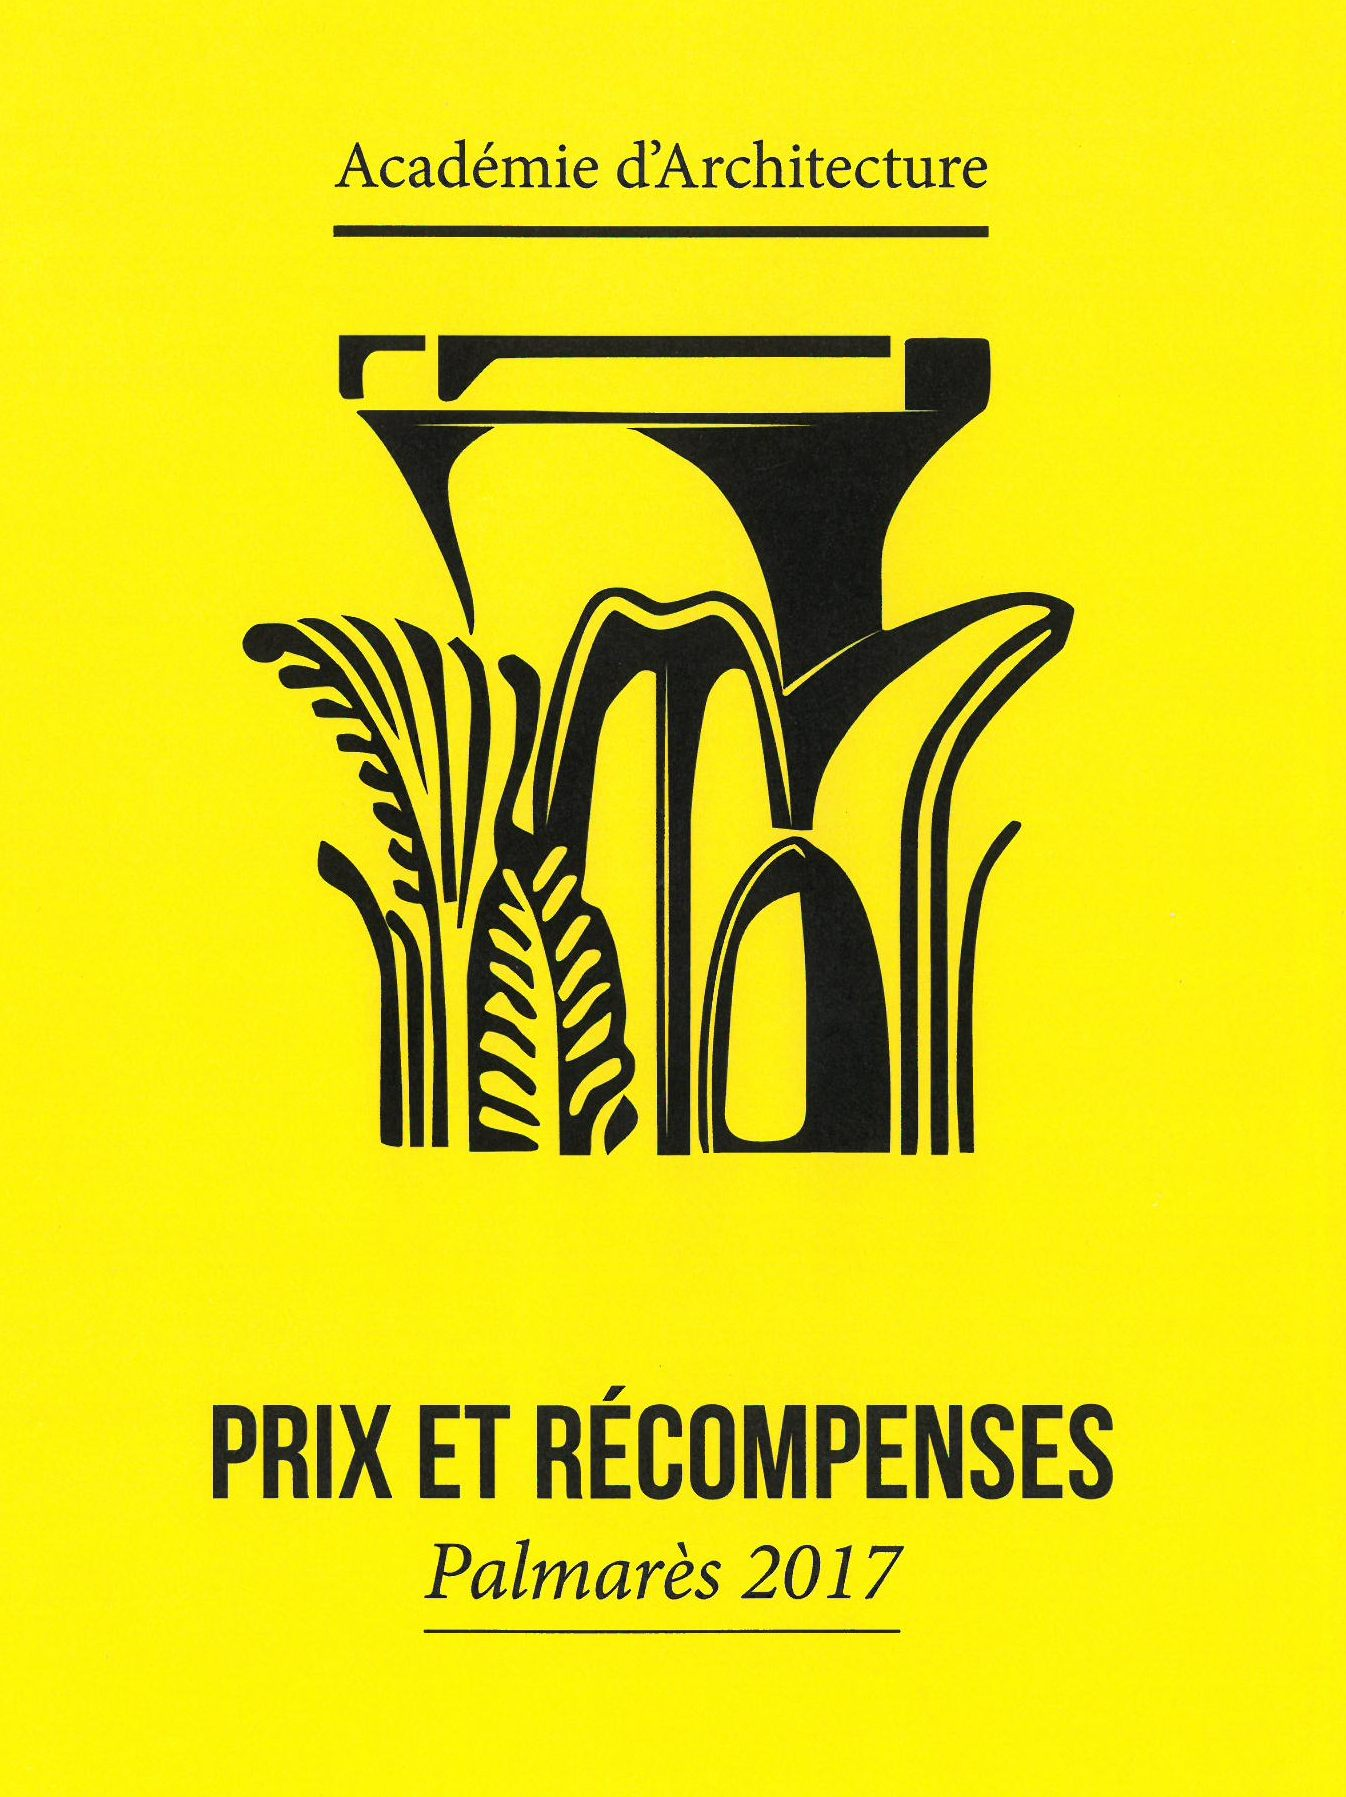 Les Ateliers de la Chapelle - Prix et récompense de l'Académie d'Architecture 2017